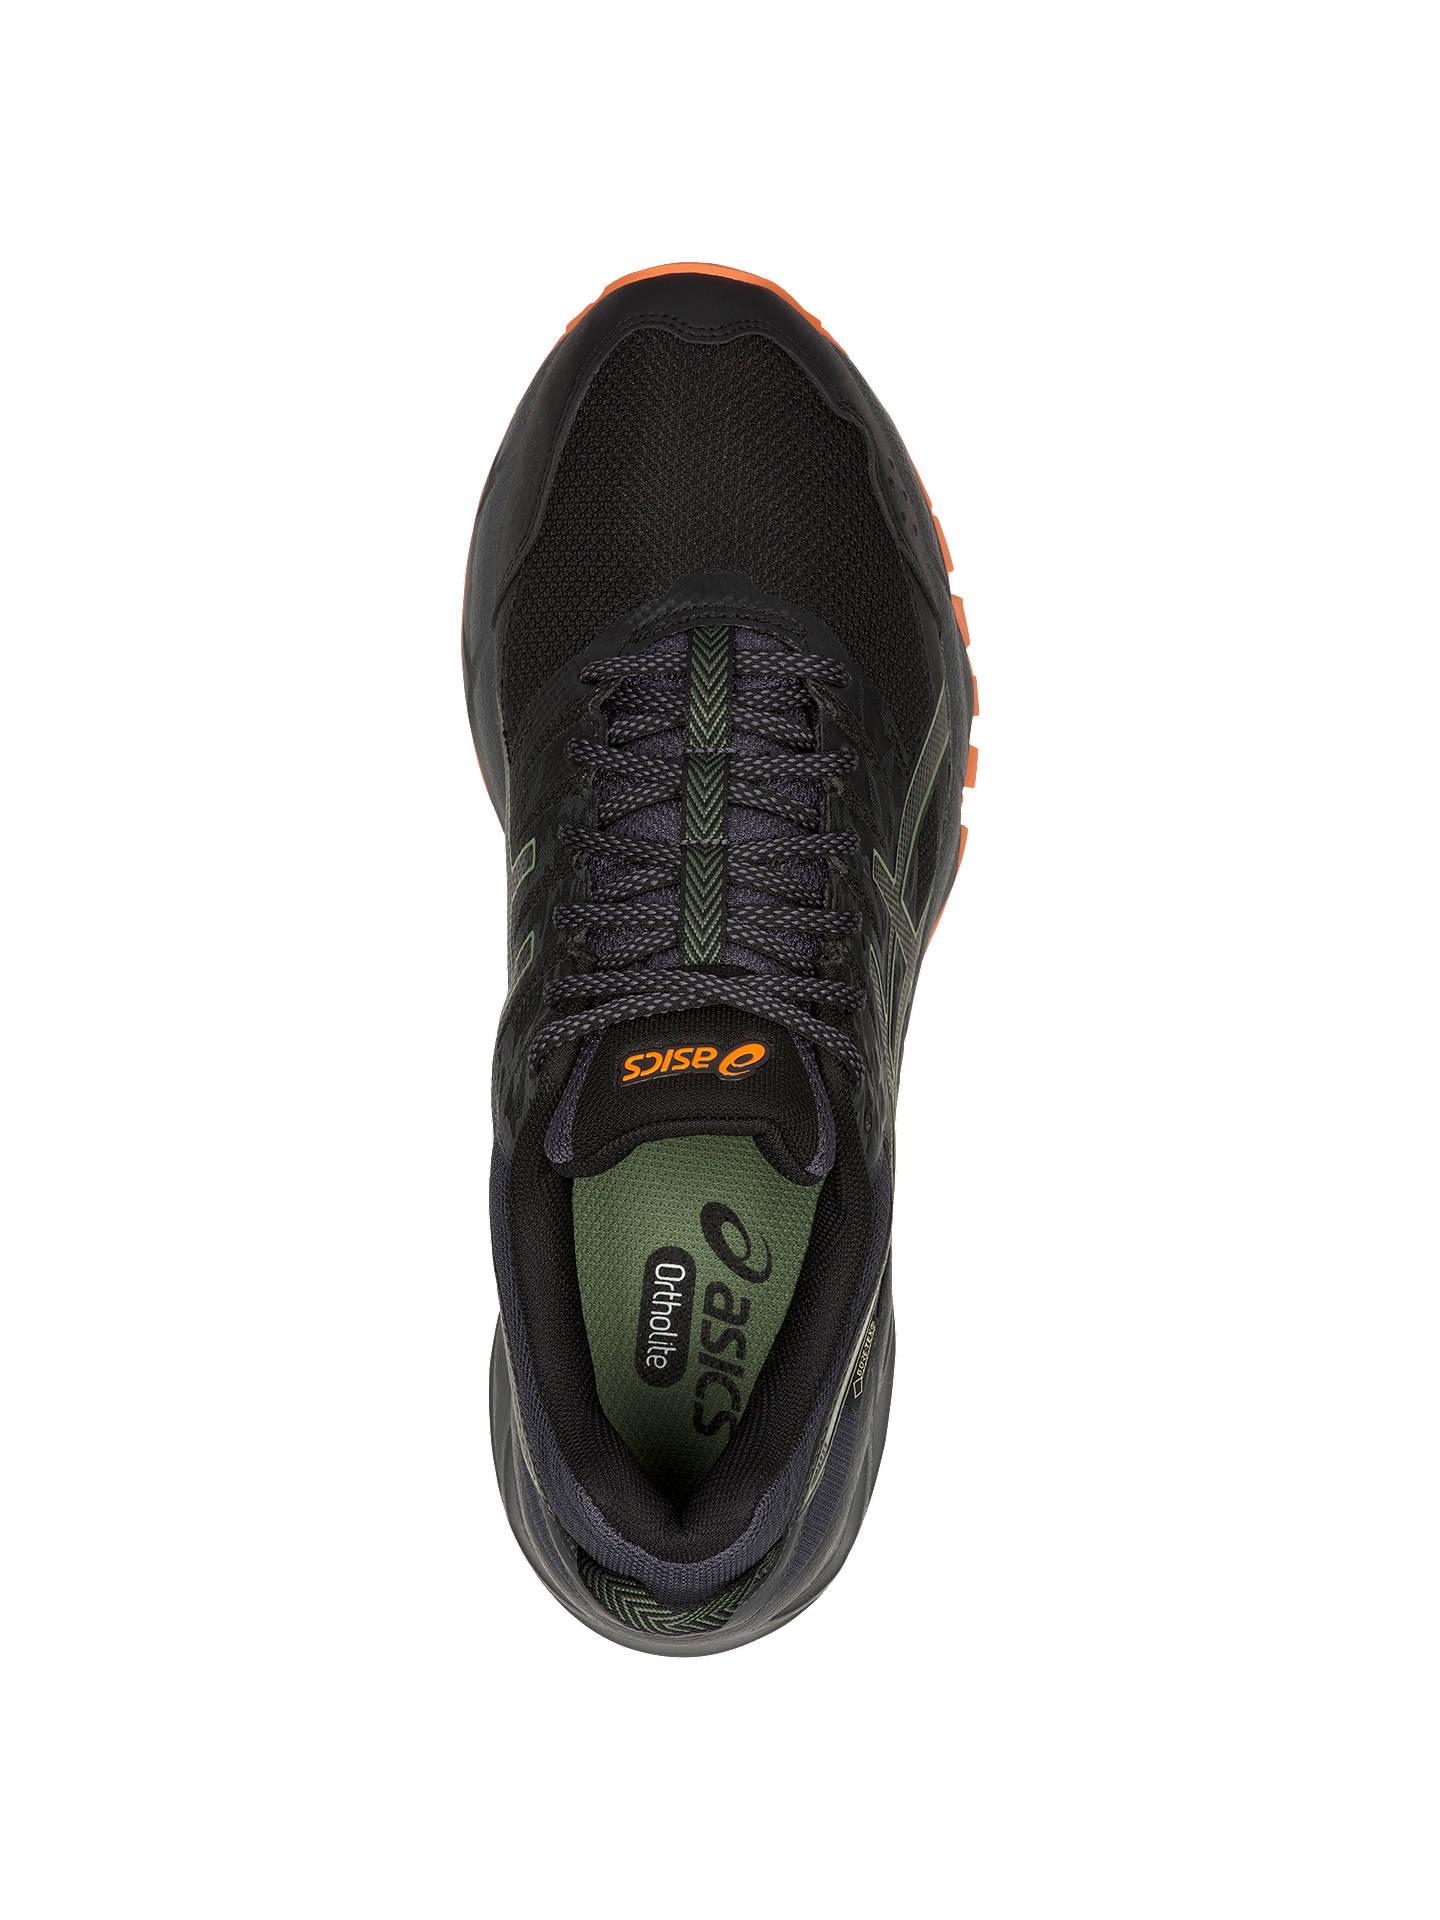 8c68fa46 ASICS GEL-SONOMA 3 G-TX Men's Running Shoes, Black/Dark Grey at John ...